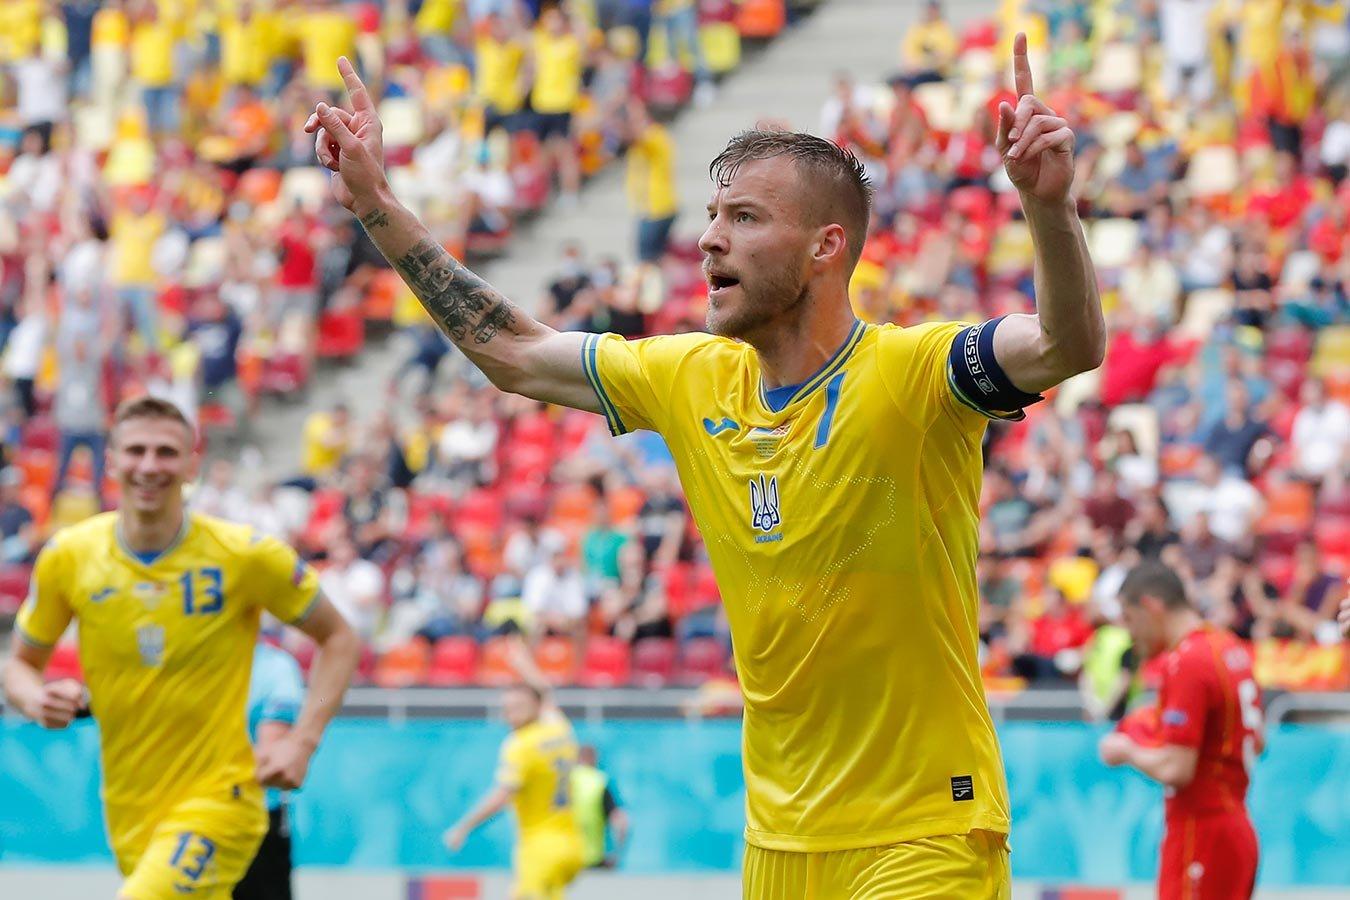 В Госдуме отреагировали на выход сборной Украины в плей-офф Евро-2020 с третьего места